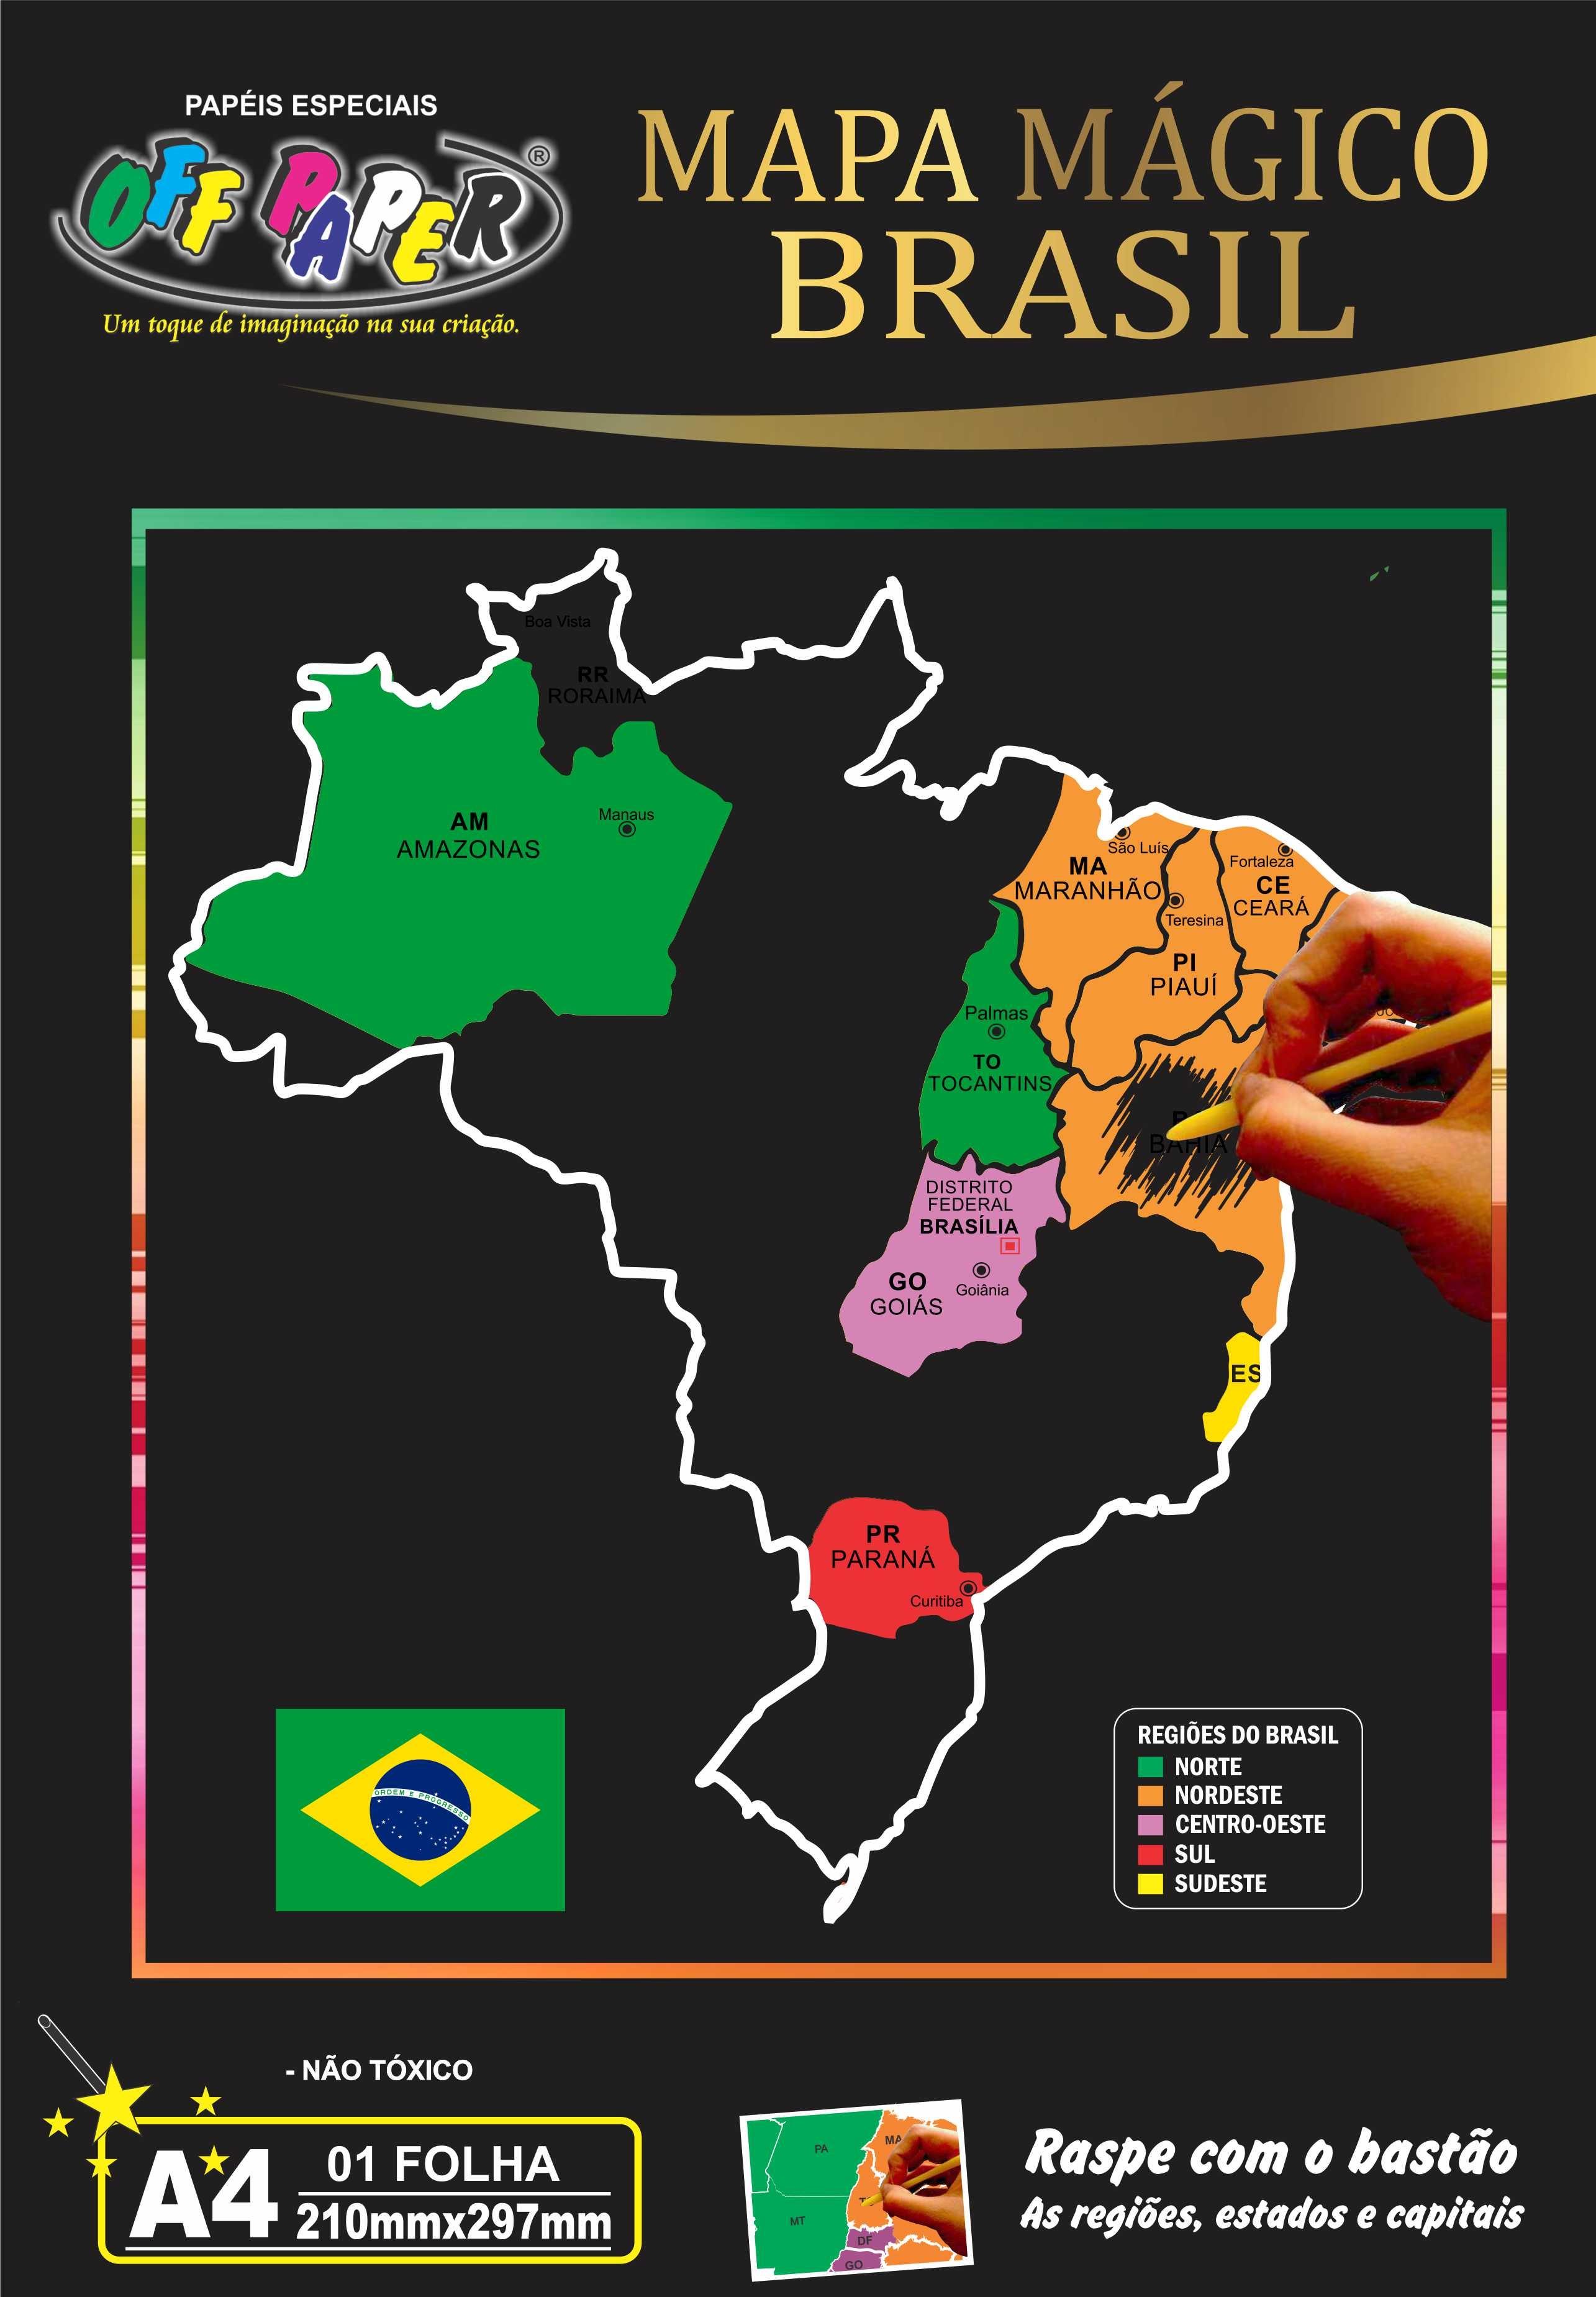 Mapa Mágico Brasil